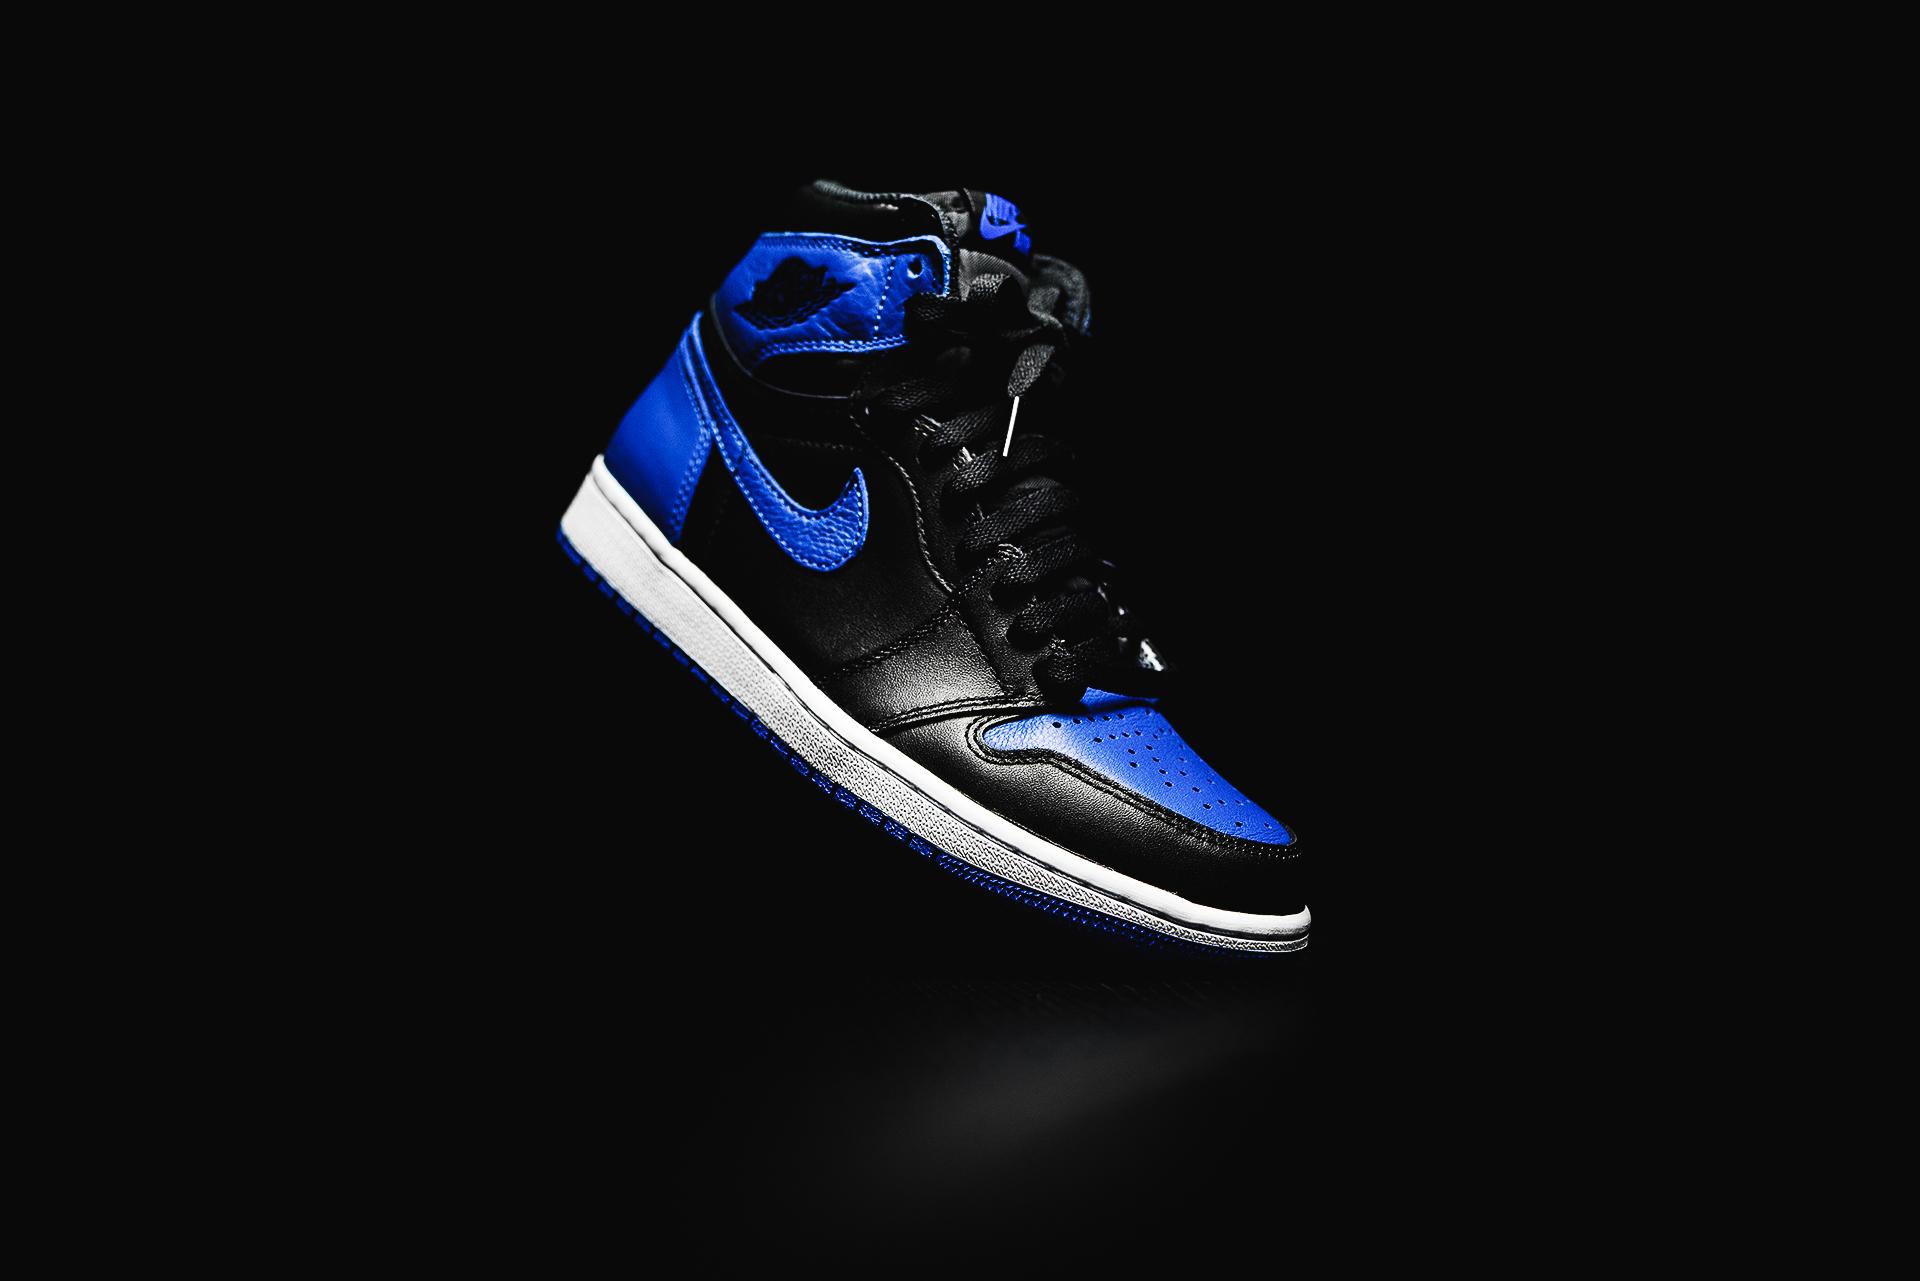 Air Jordan I Retro High Royal charity flint michigan 5